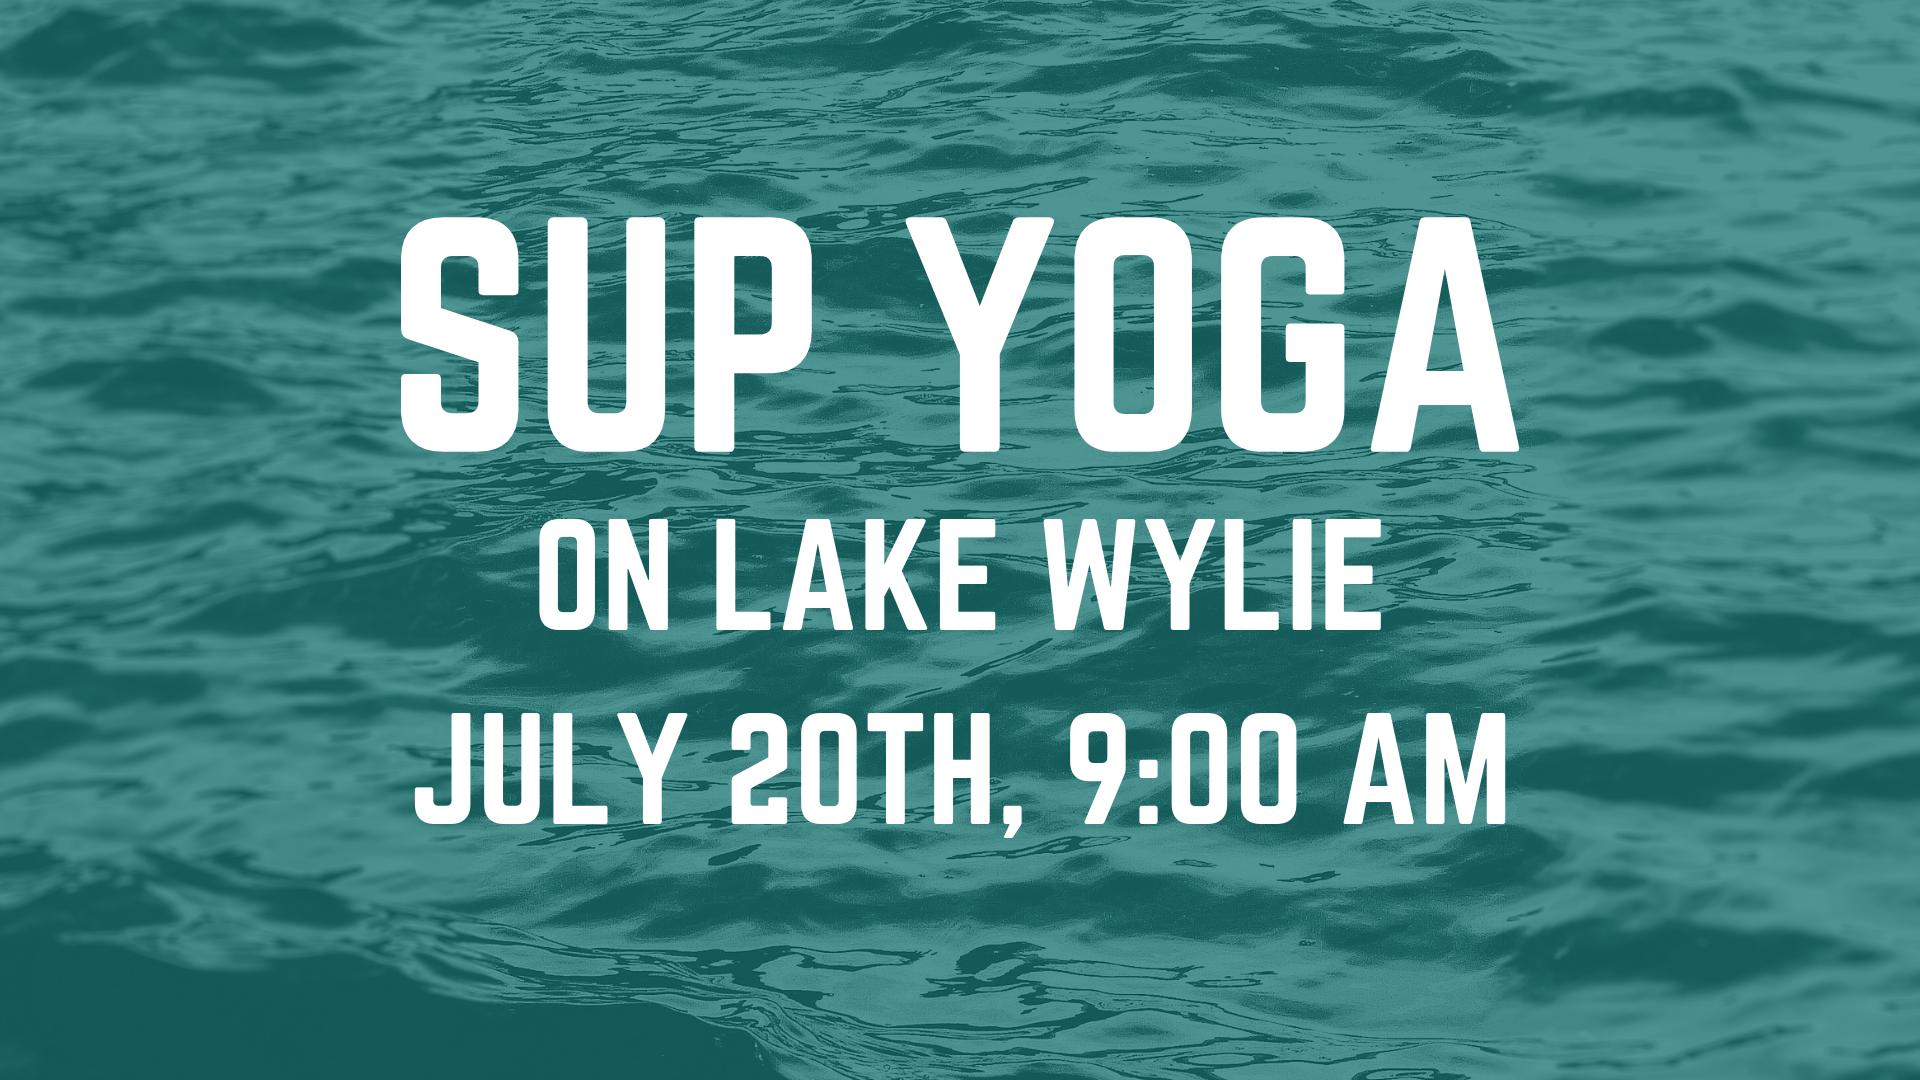 SUP Yoga on Lake Wylie